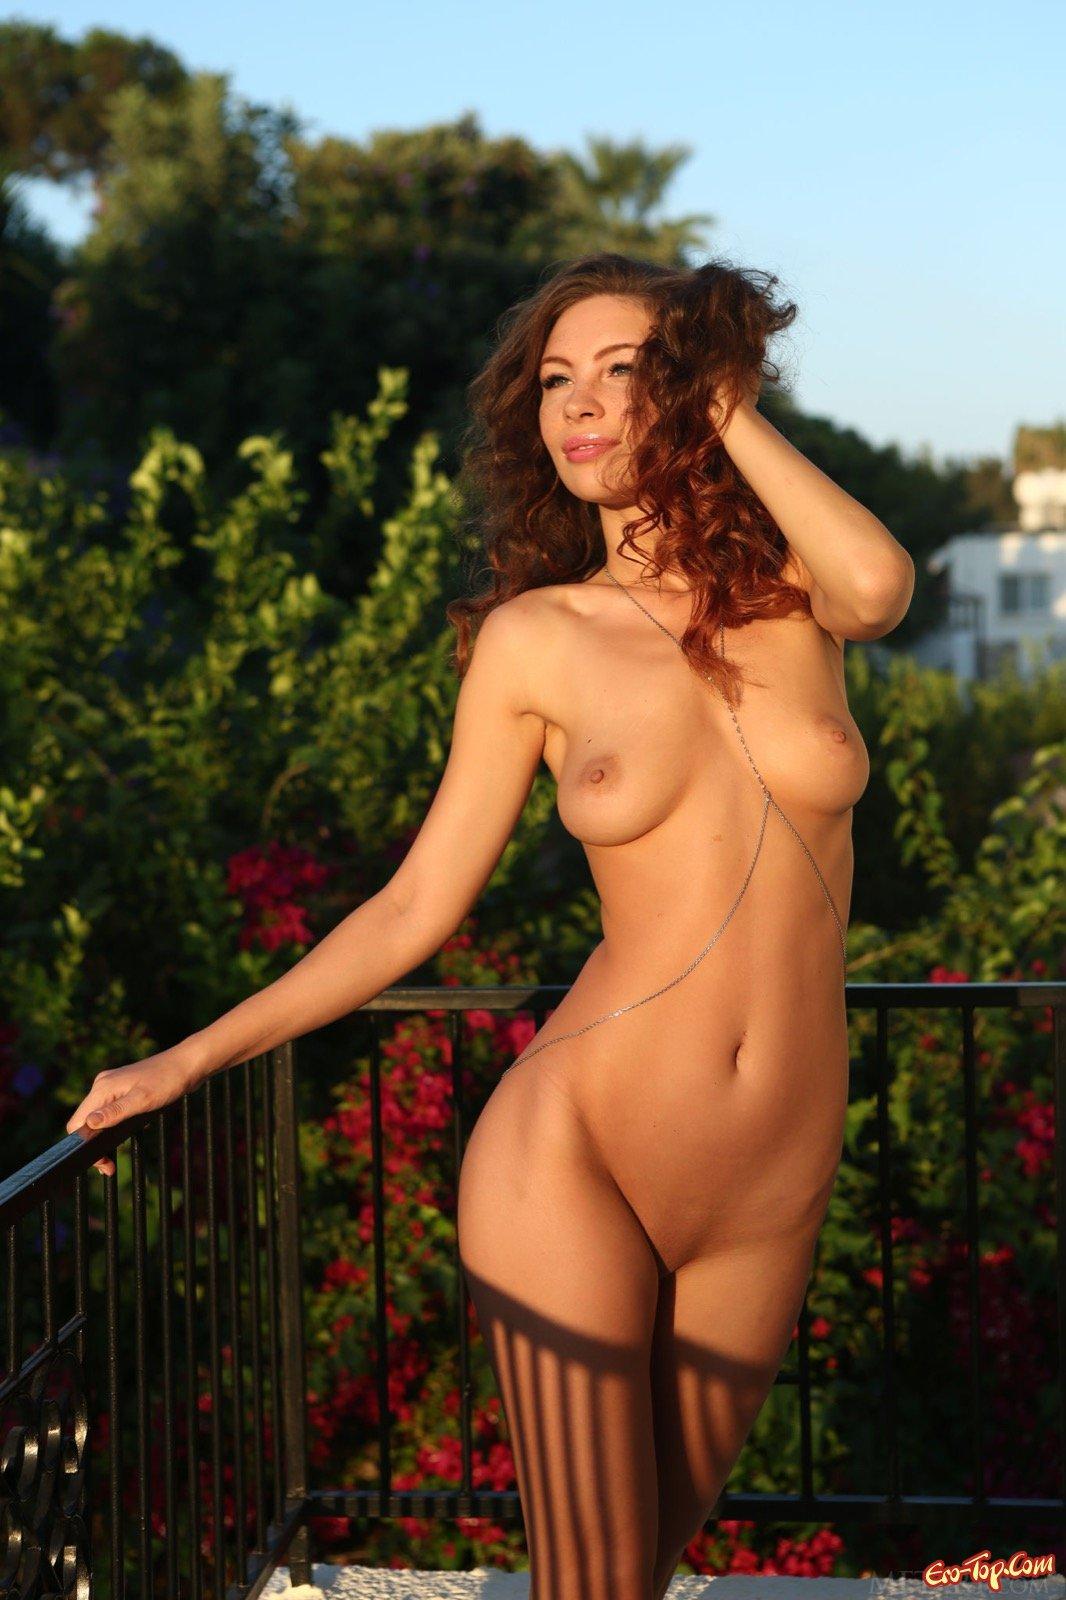 Голенькая кудряшка страстно позирует на балкончике